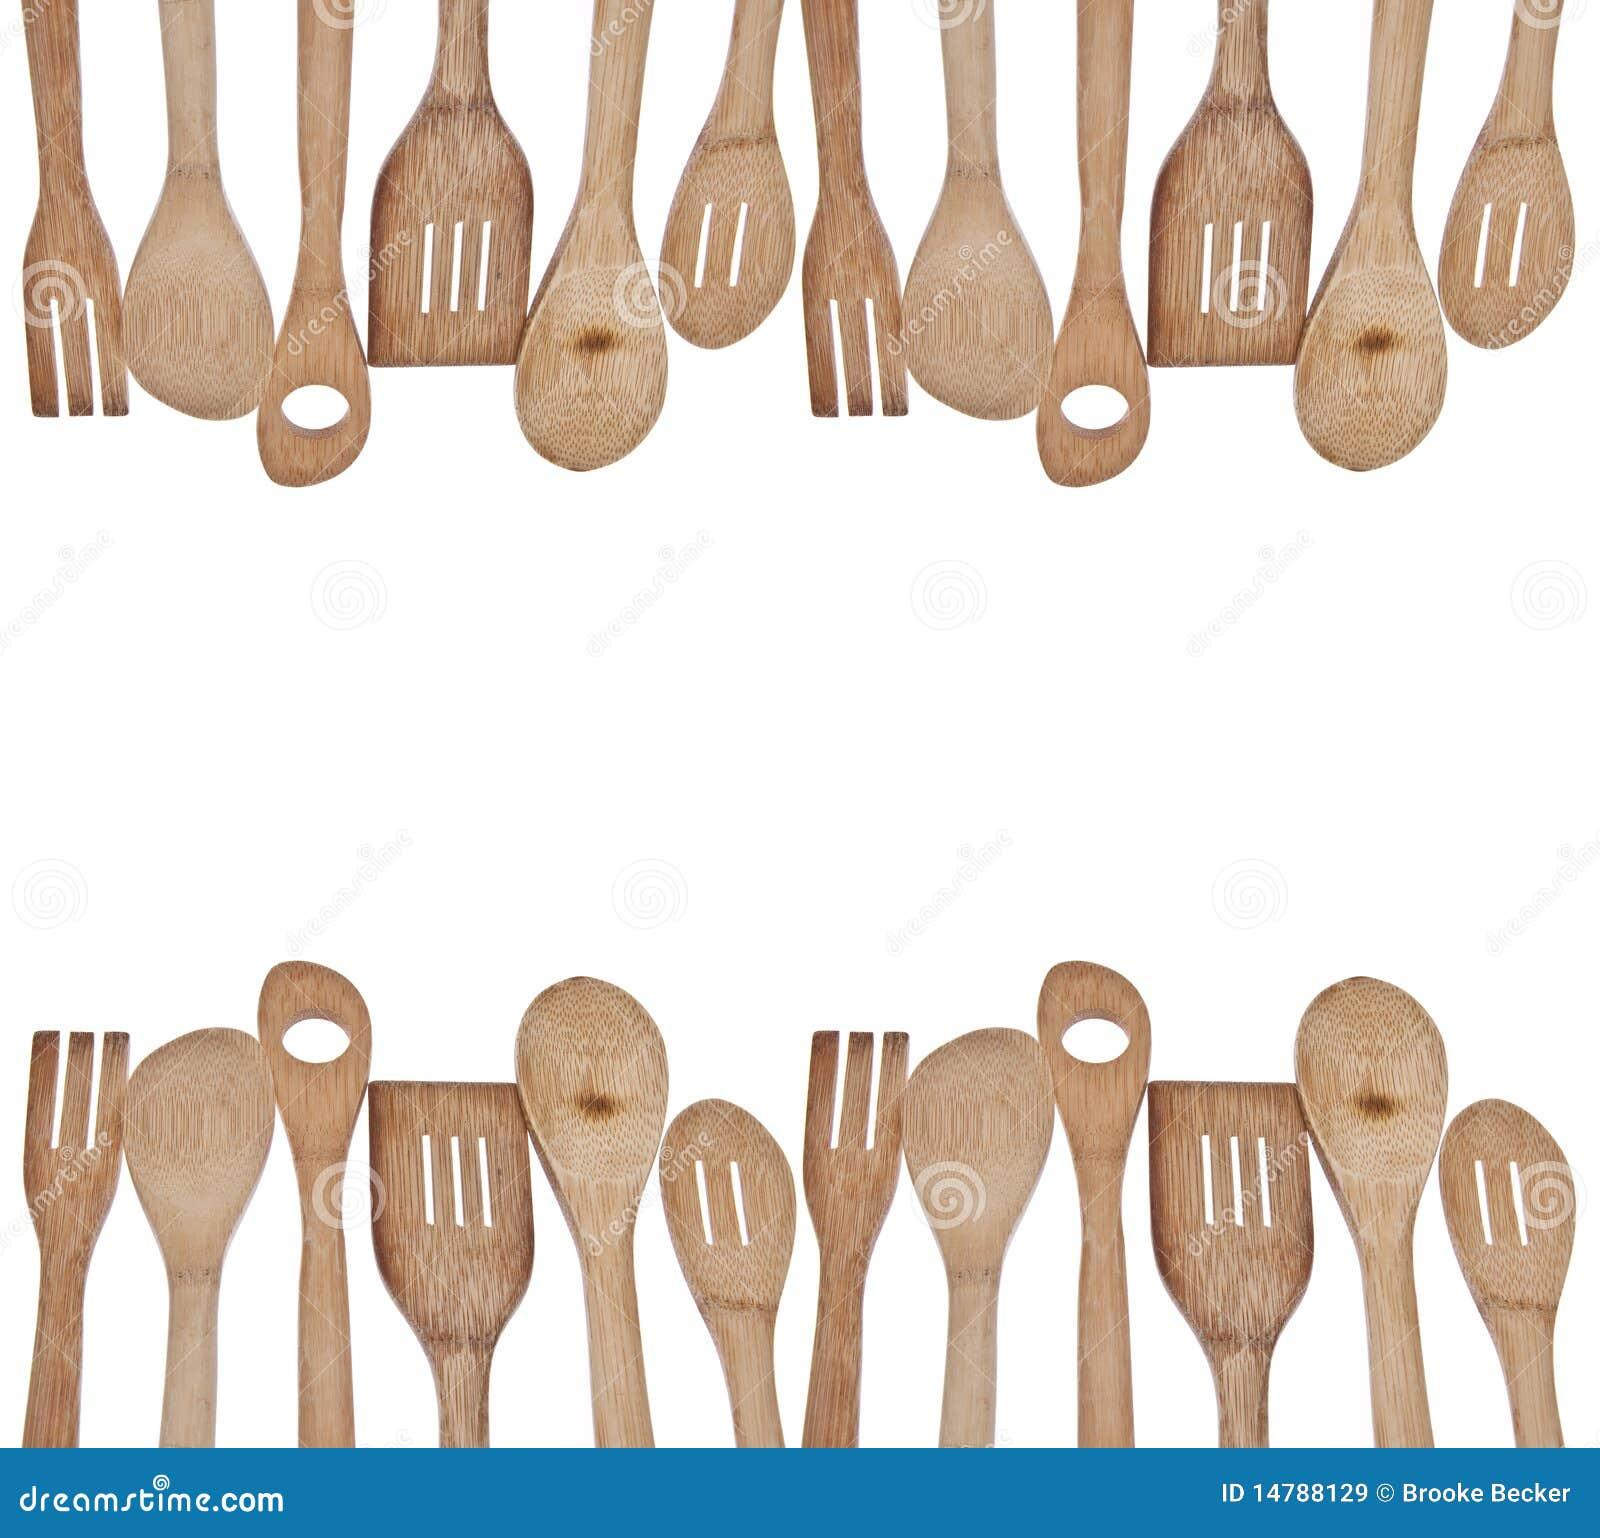 Kitchen utensil clip art - Wooden Utensil Border Royalty Free Stock Images Image